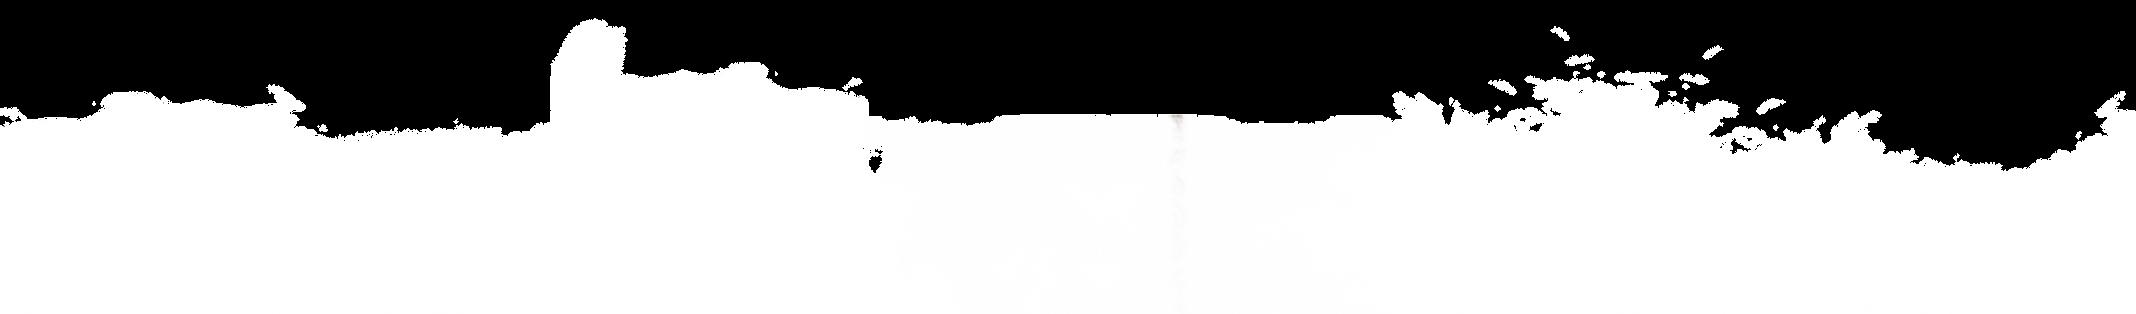 cloud-3.png